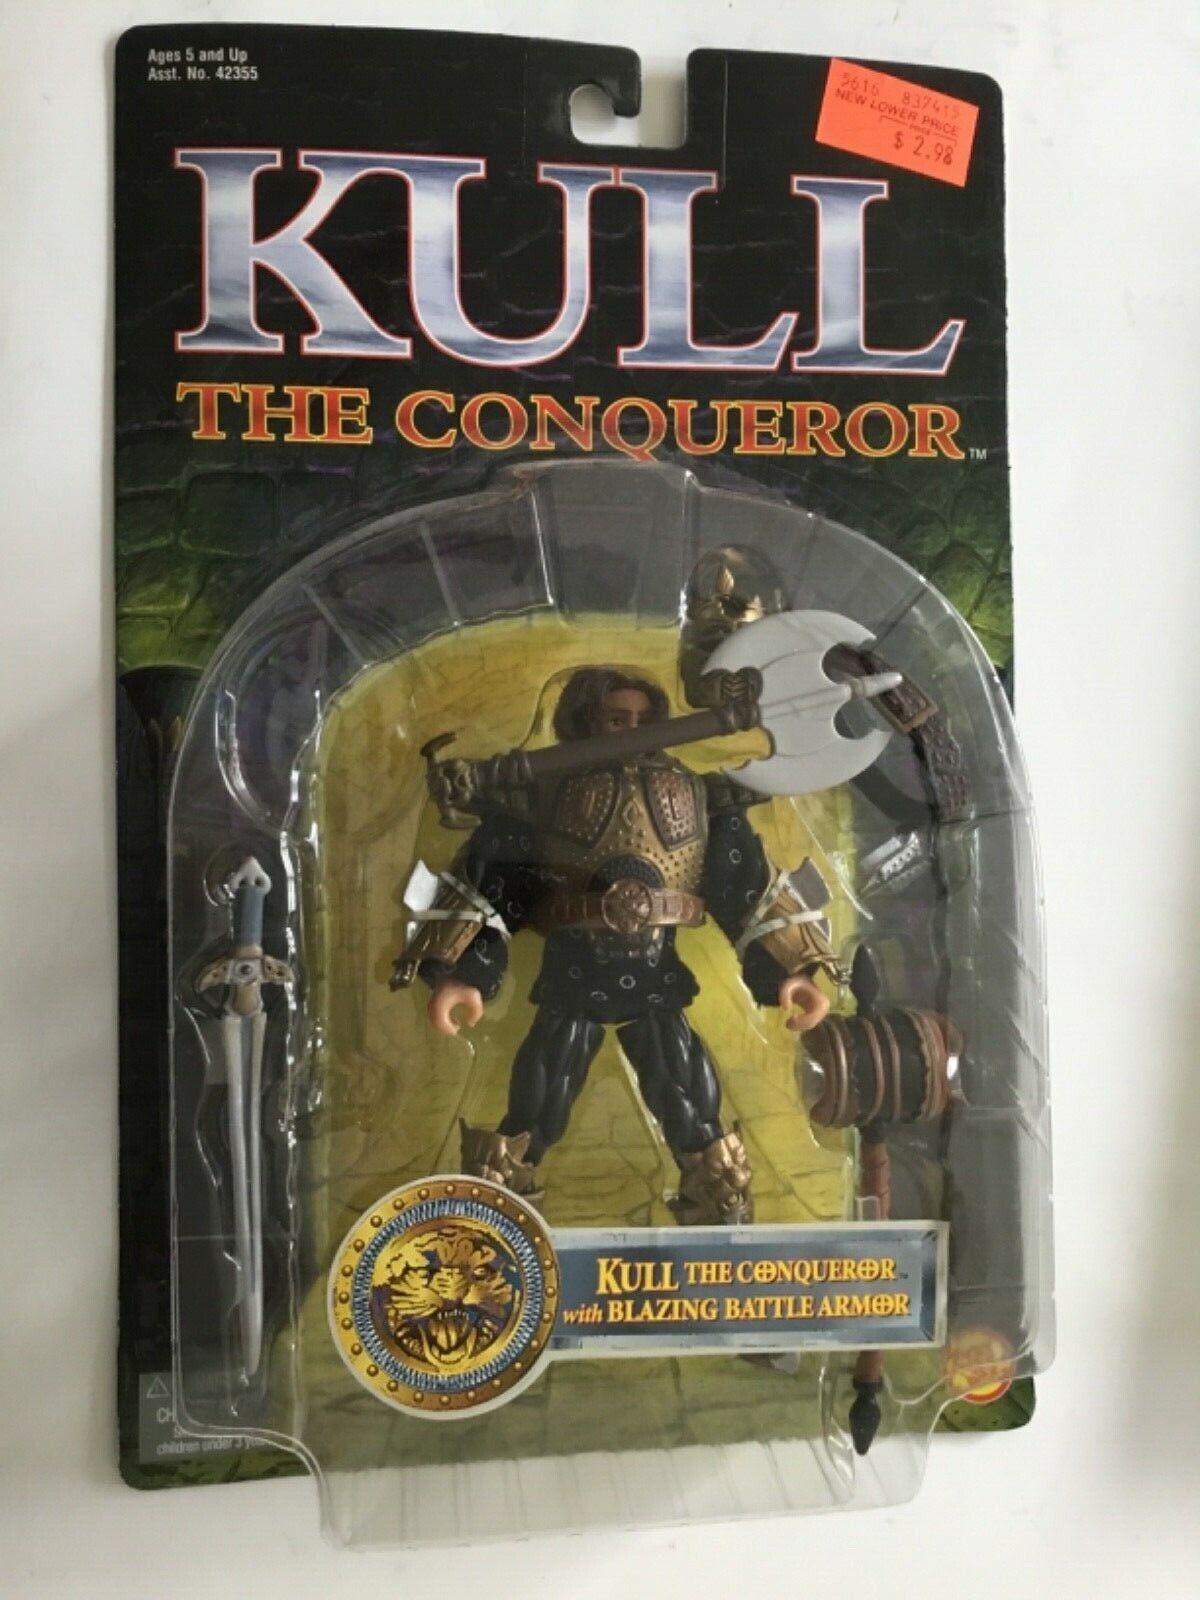 KULL THE CONQUERER  WBLAZING battaglia ARMOR 1997 giocattolo BIZ  Vintage Collectible